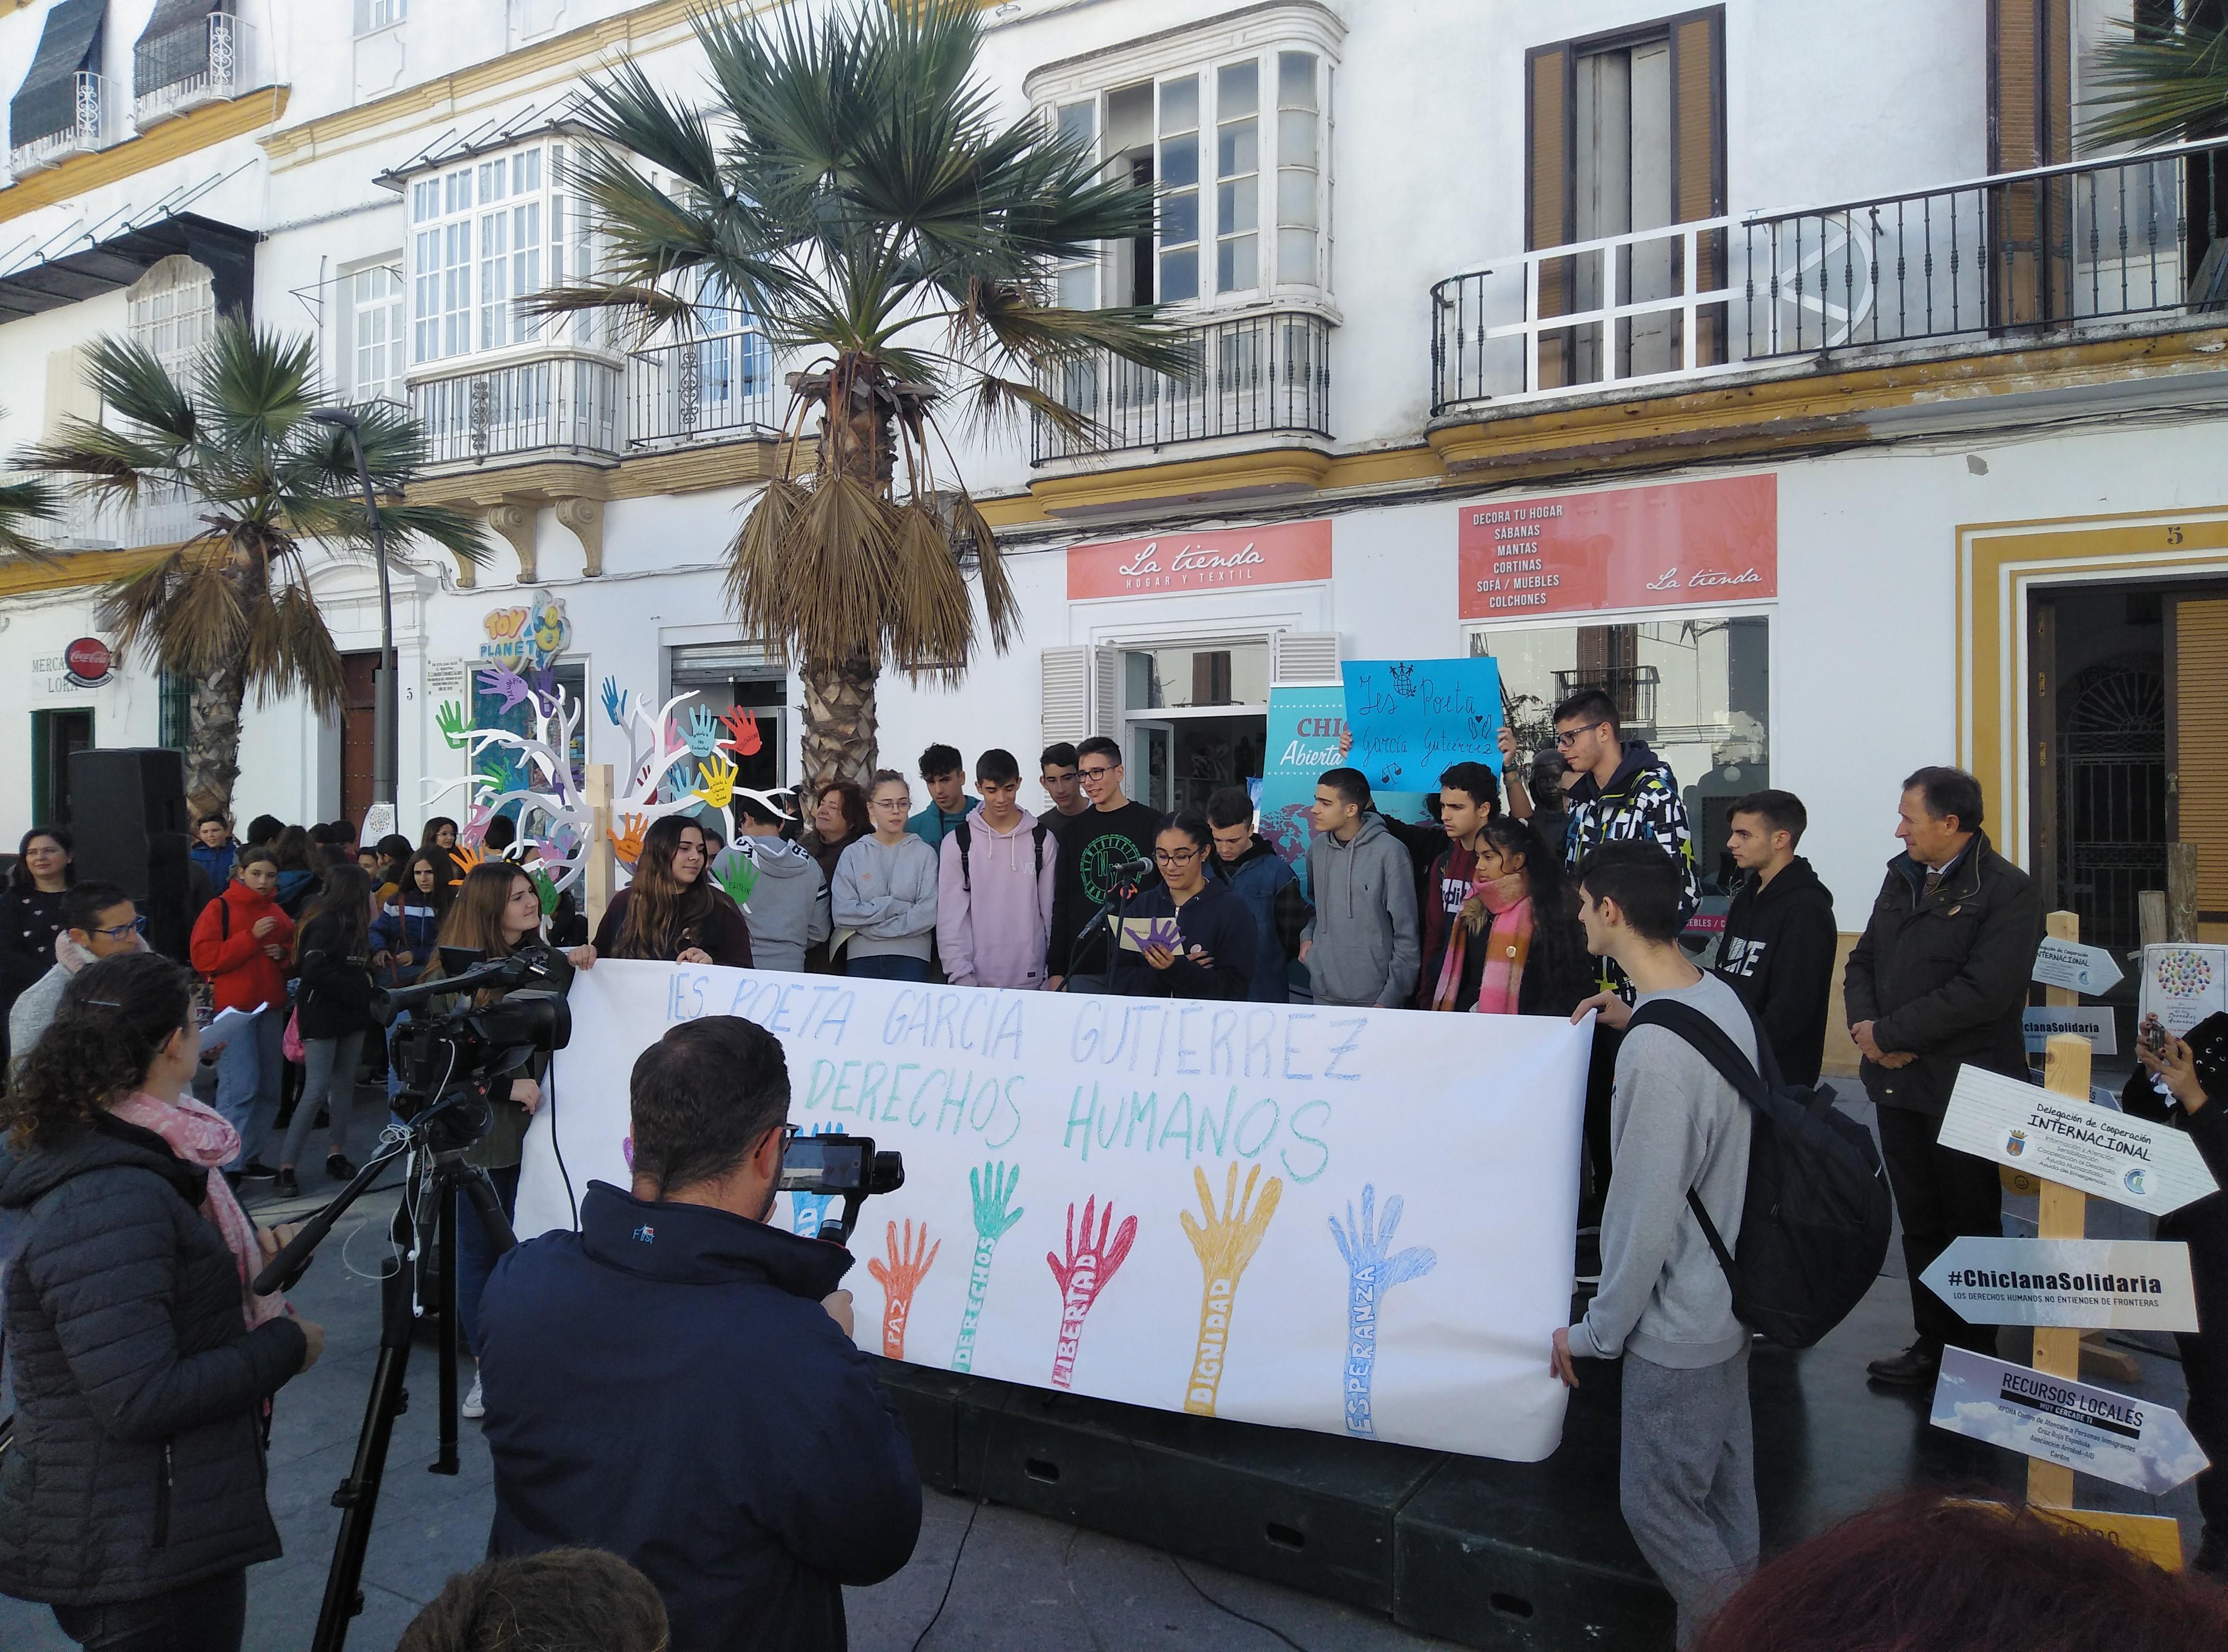 Imagen de la noticia: Conmemoración día Internacional Derechos Humanos [Actualizado]